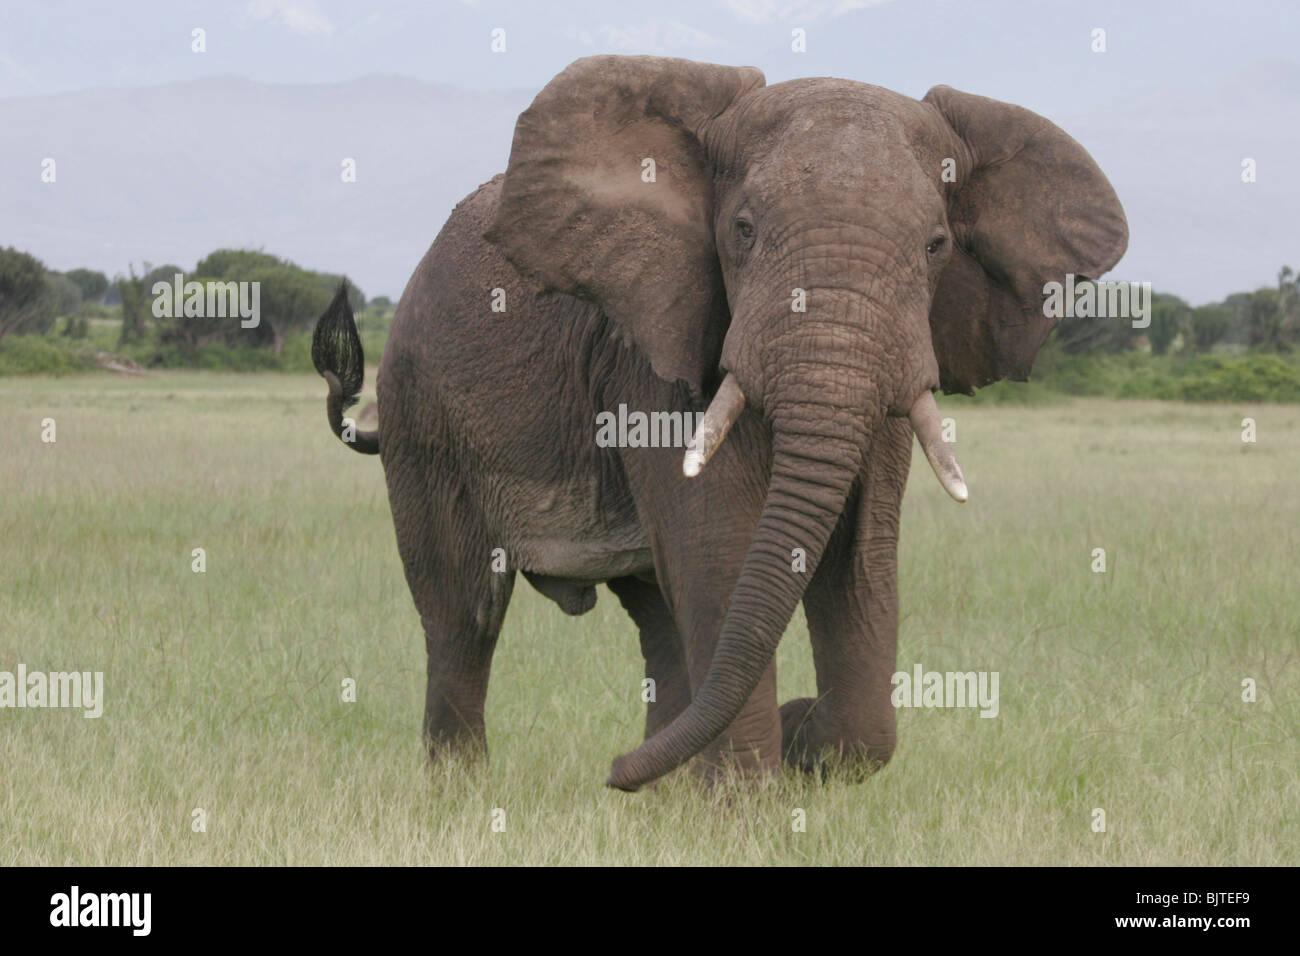 Avec l'éléphant des Monts Rwenzori en arrière-plan. Le Parc national Queen Elizabeth. L'Ouganda. Photo Stock